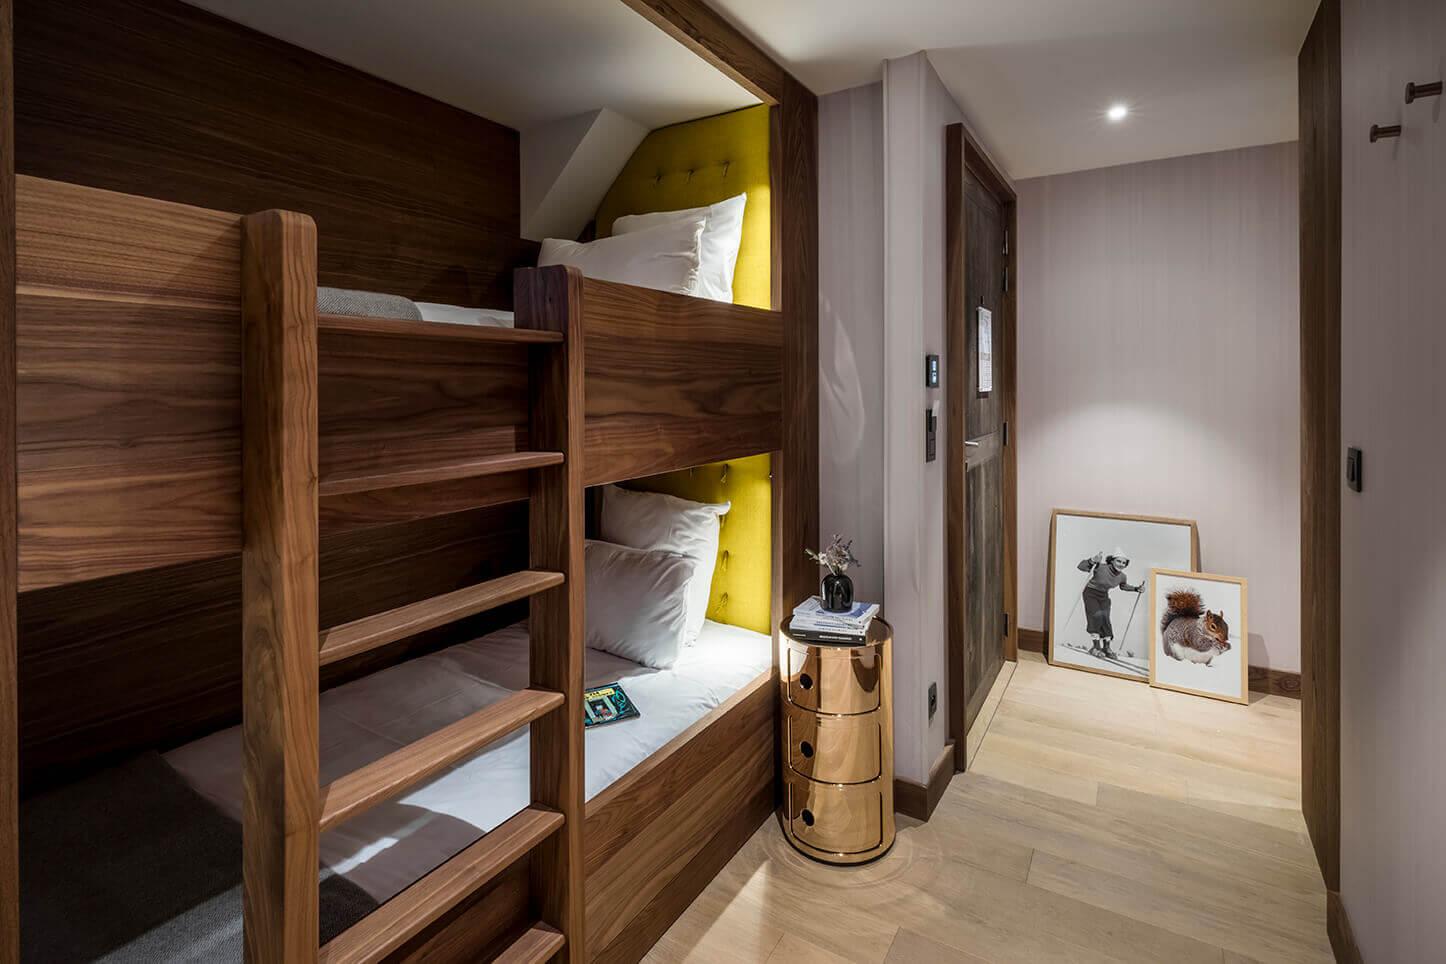 Chambre familiale - chambre des enfants avec lits superposés